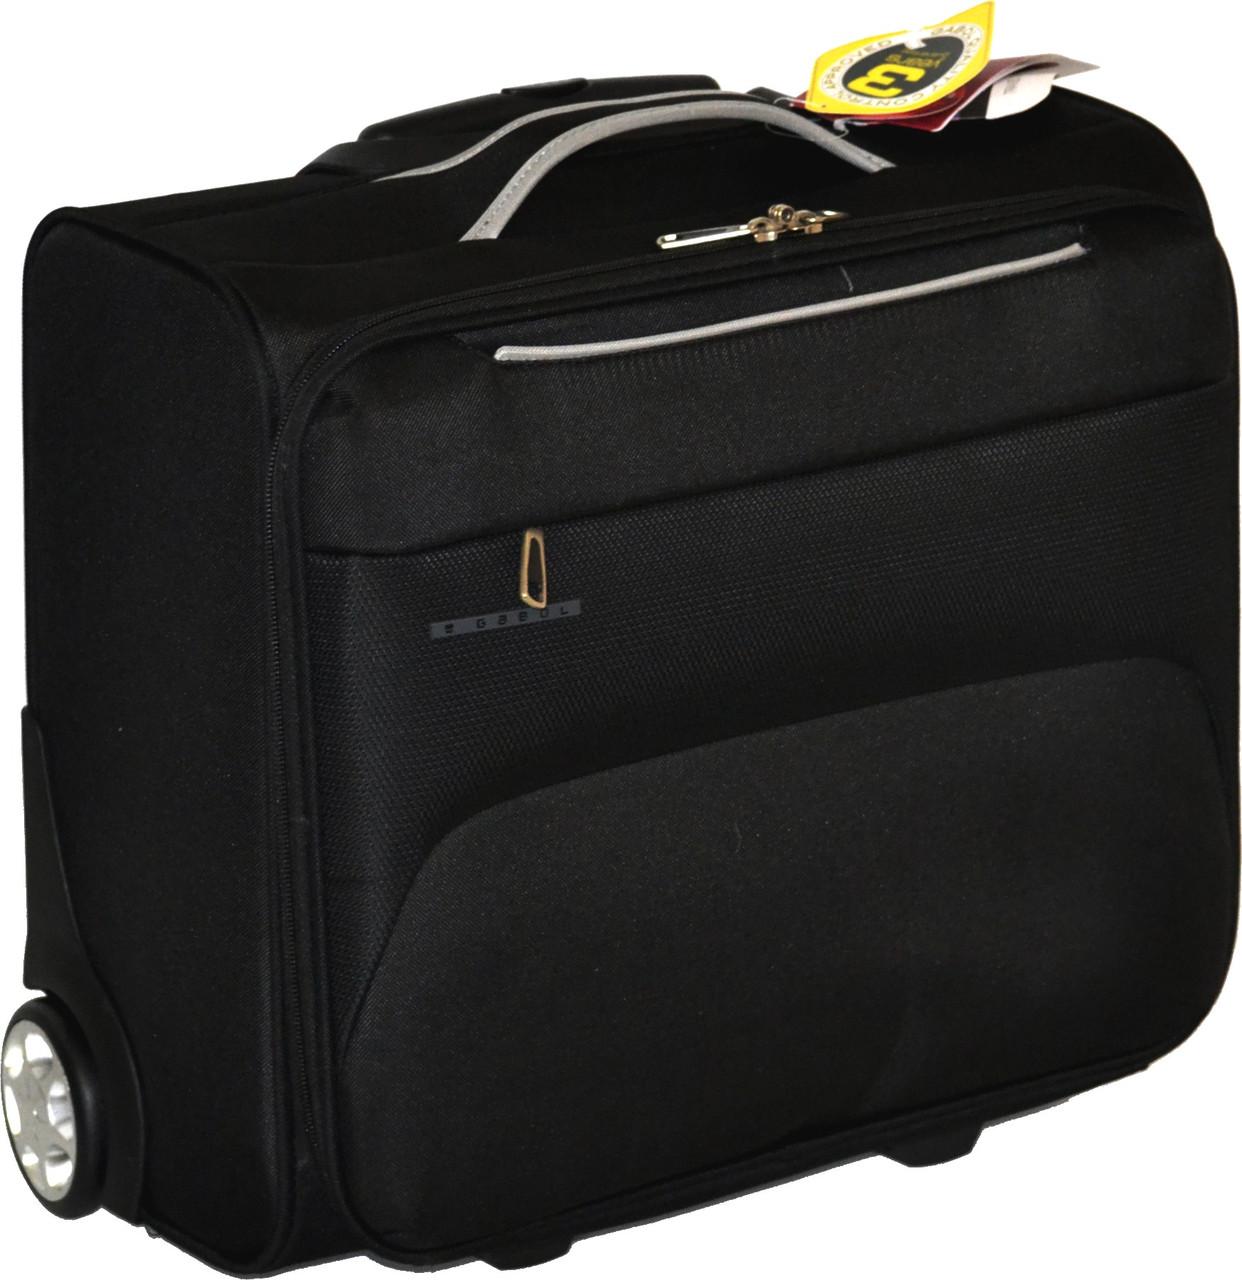 6b2732b06946 Кейс-пилот на колесах Gabol Zambia черный. Продажа, цена от ...